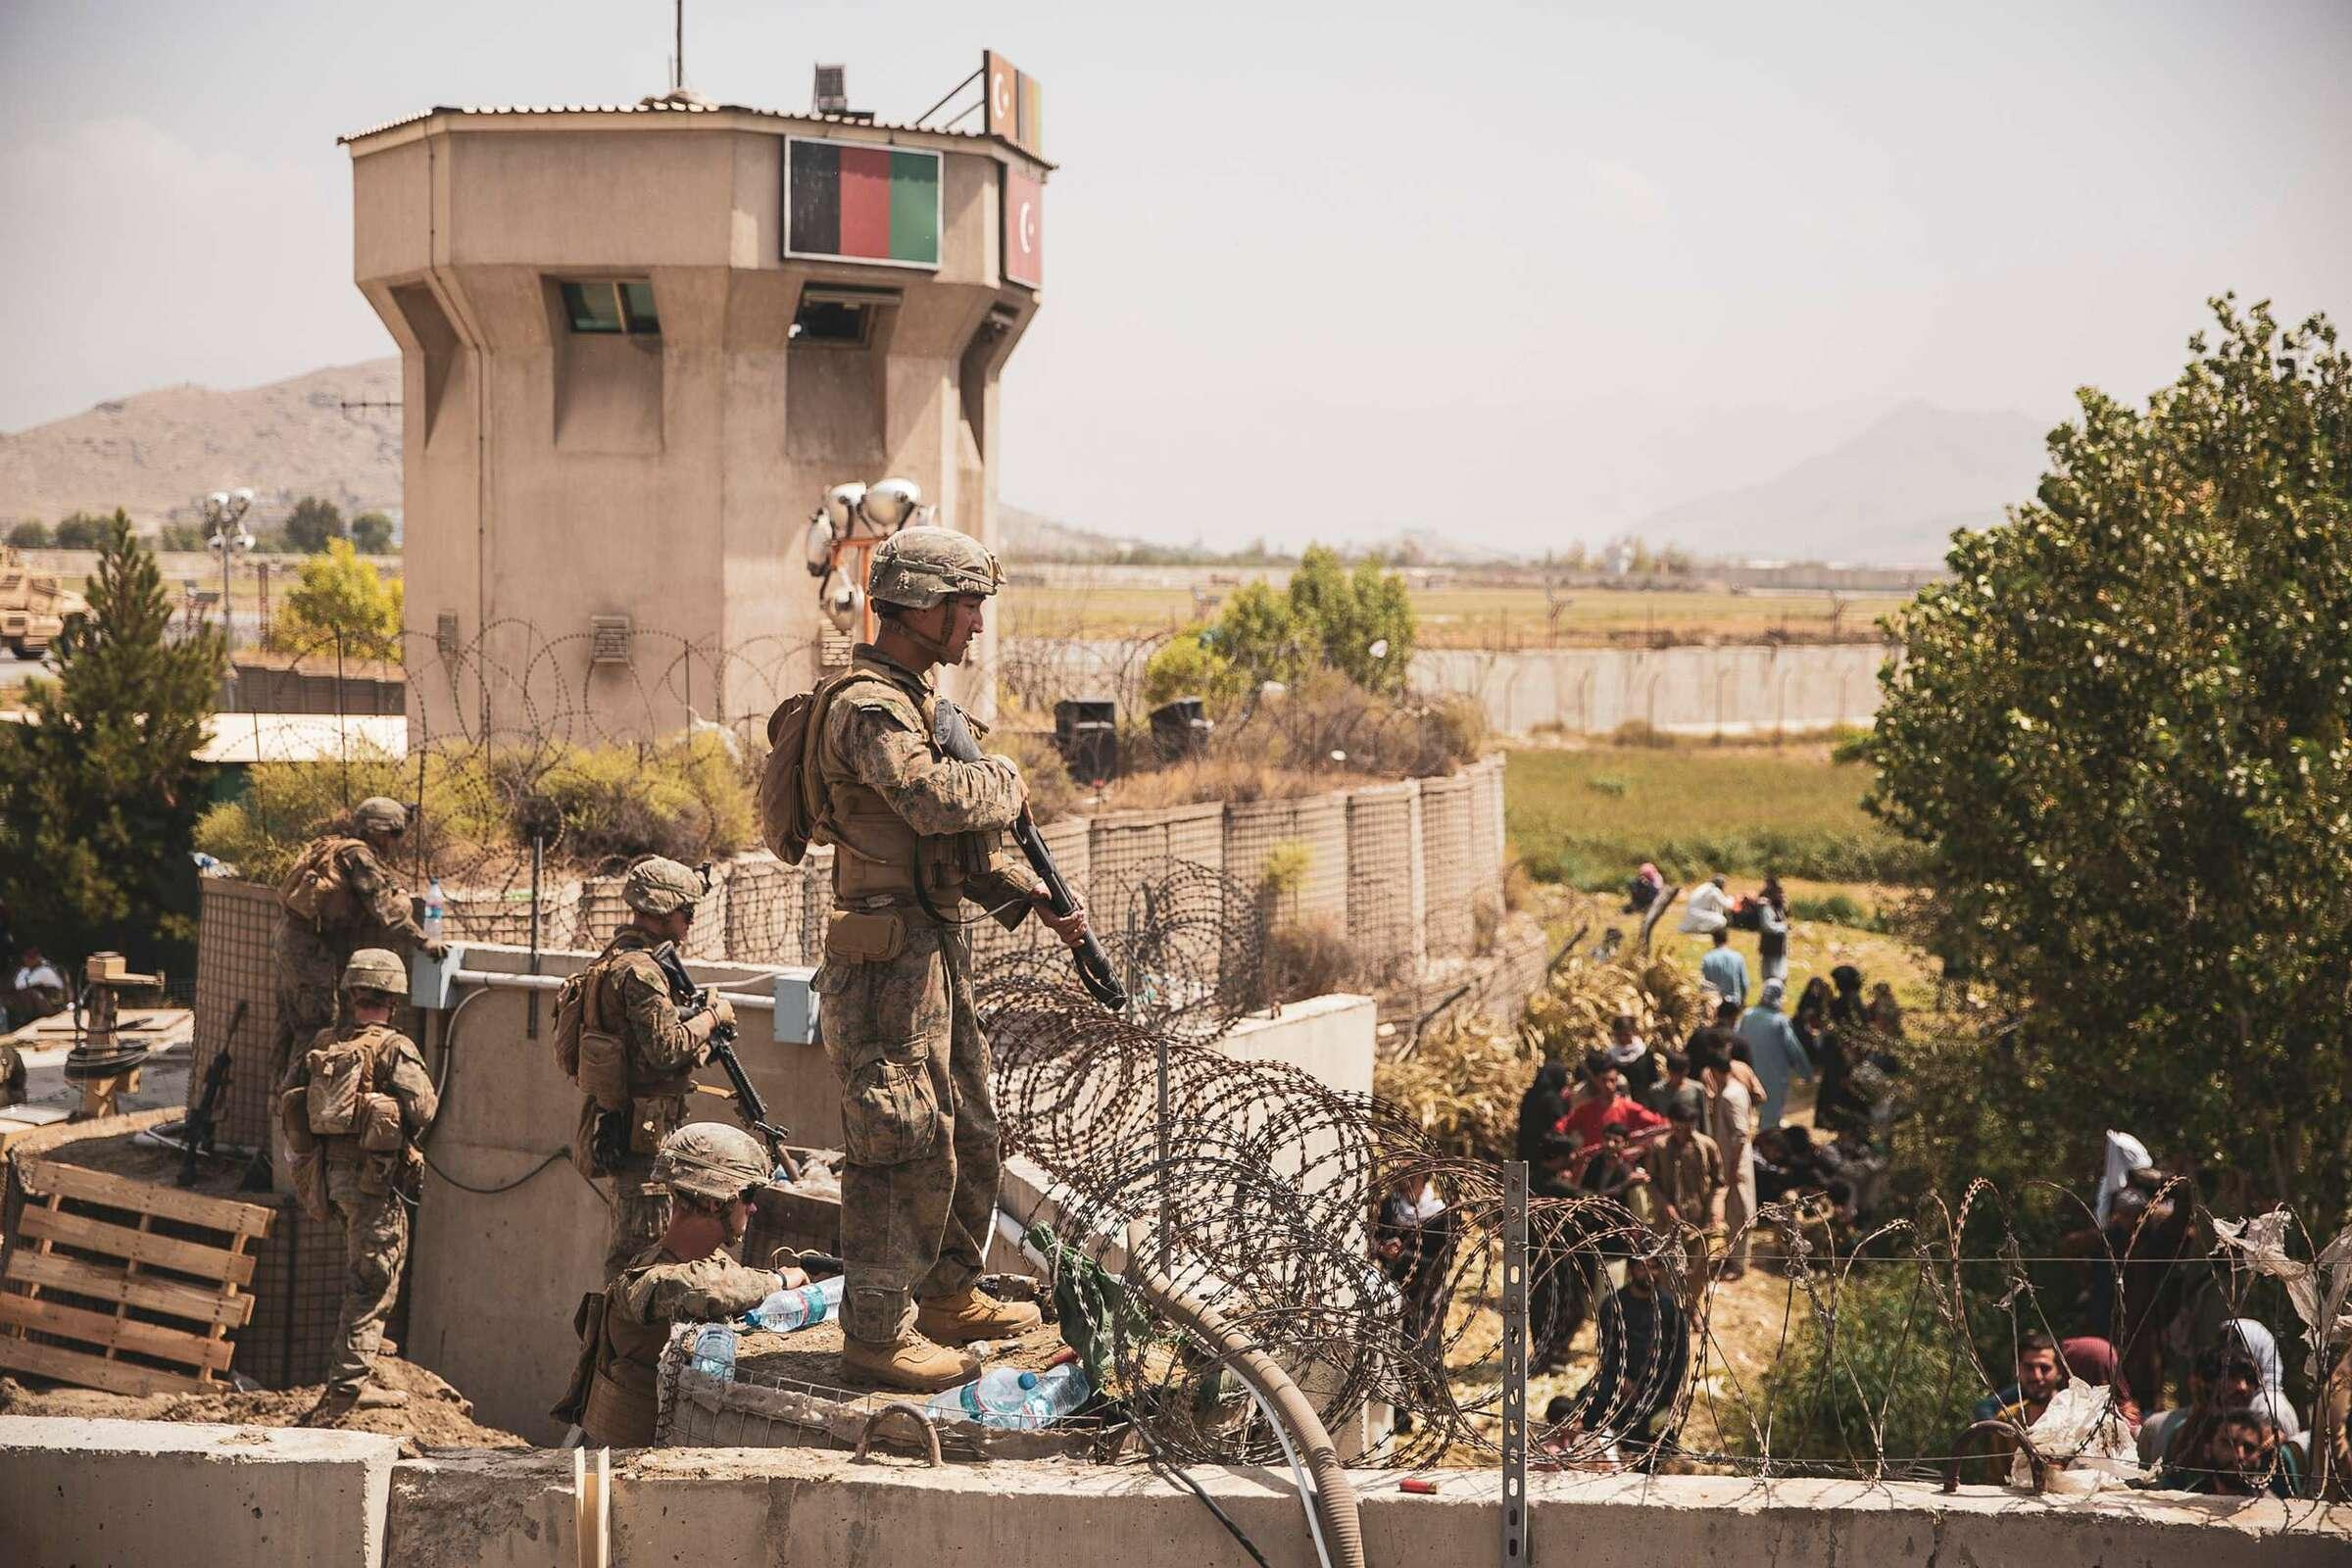 Lính thủy đánh bộ Mỹ bảo vệ sân bay Hamid Karzai, thủ đô Kabul của Afghanistan vào ngày 20/8. Ảnh: USMC.